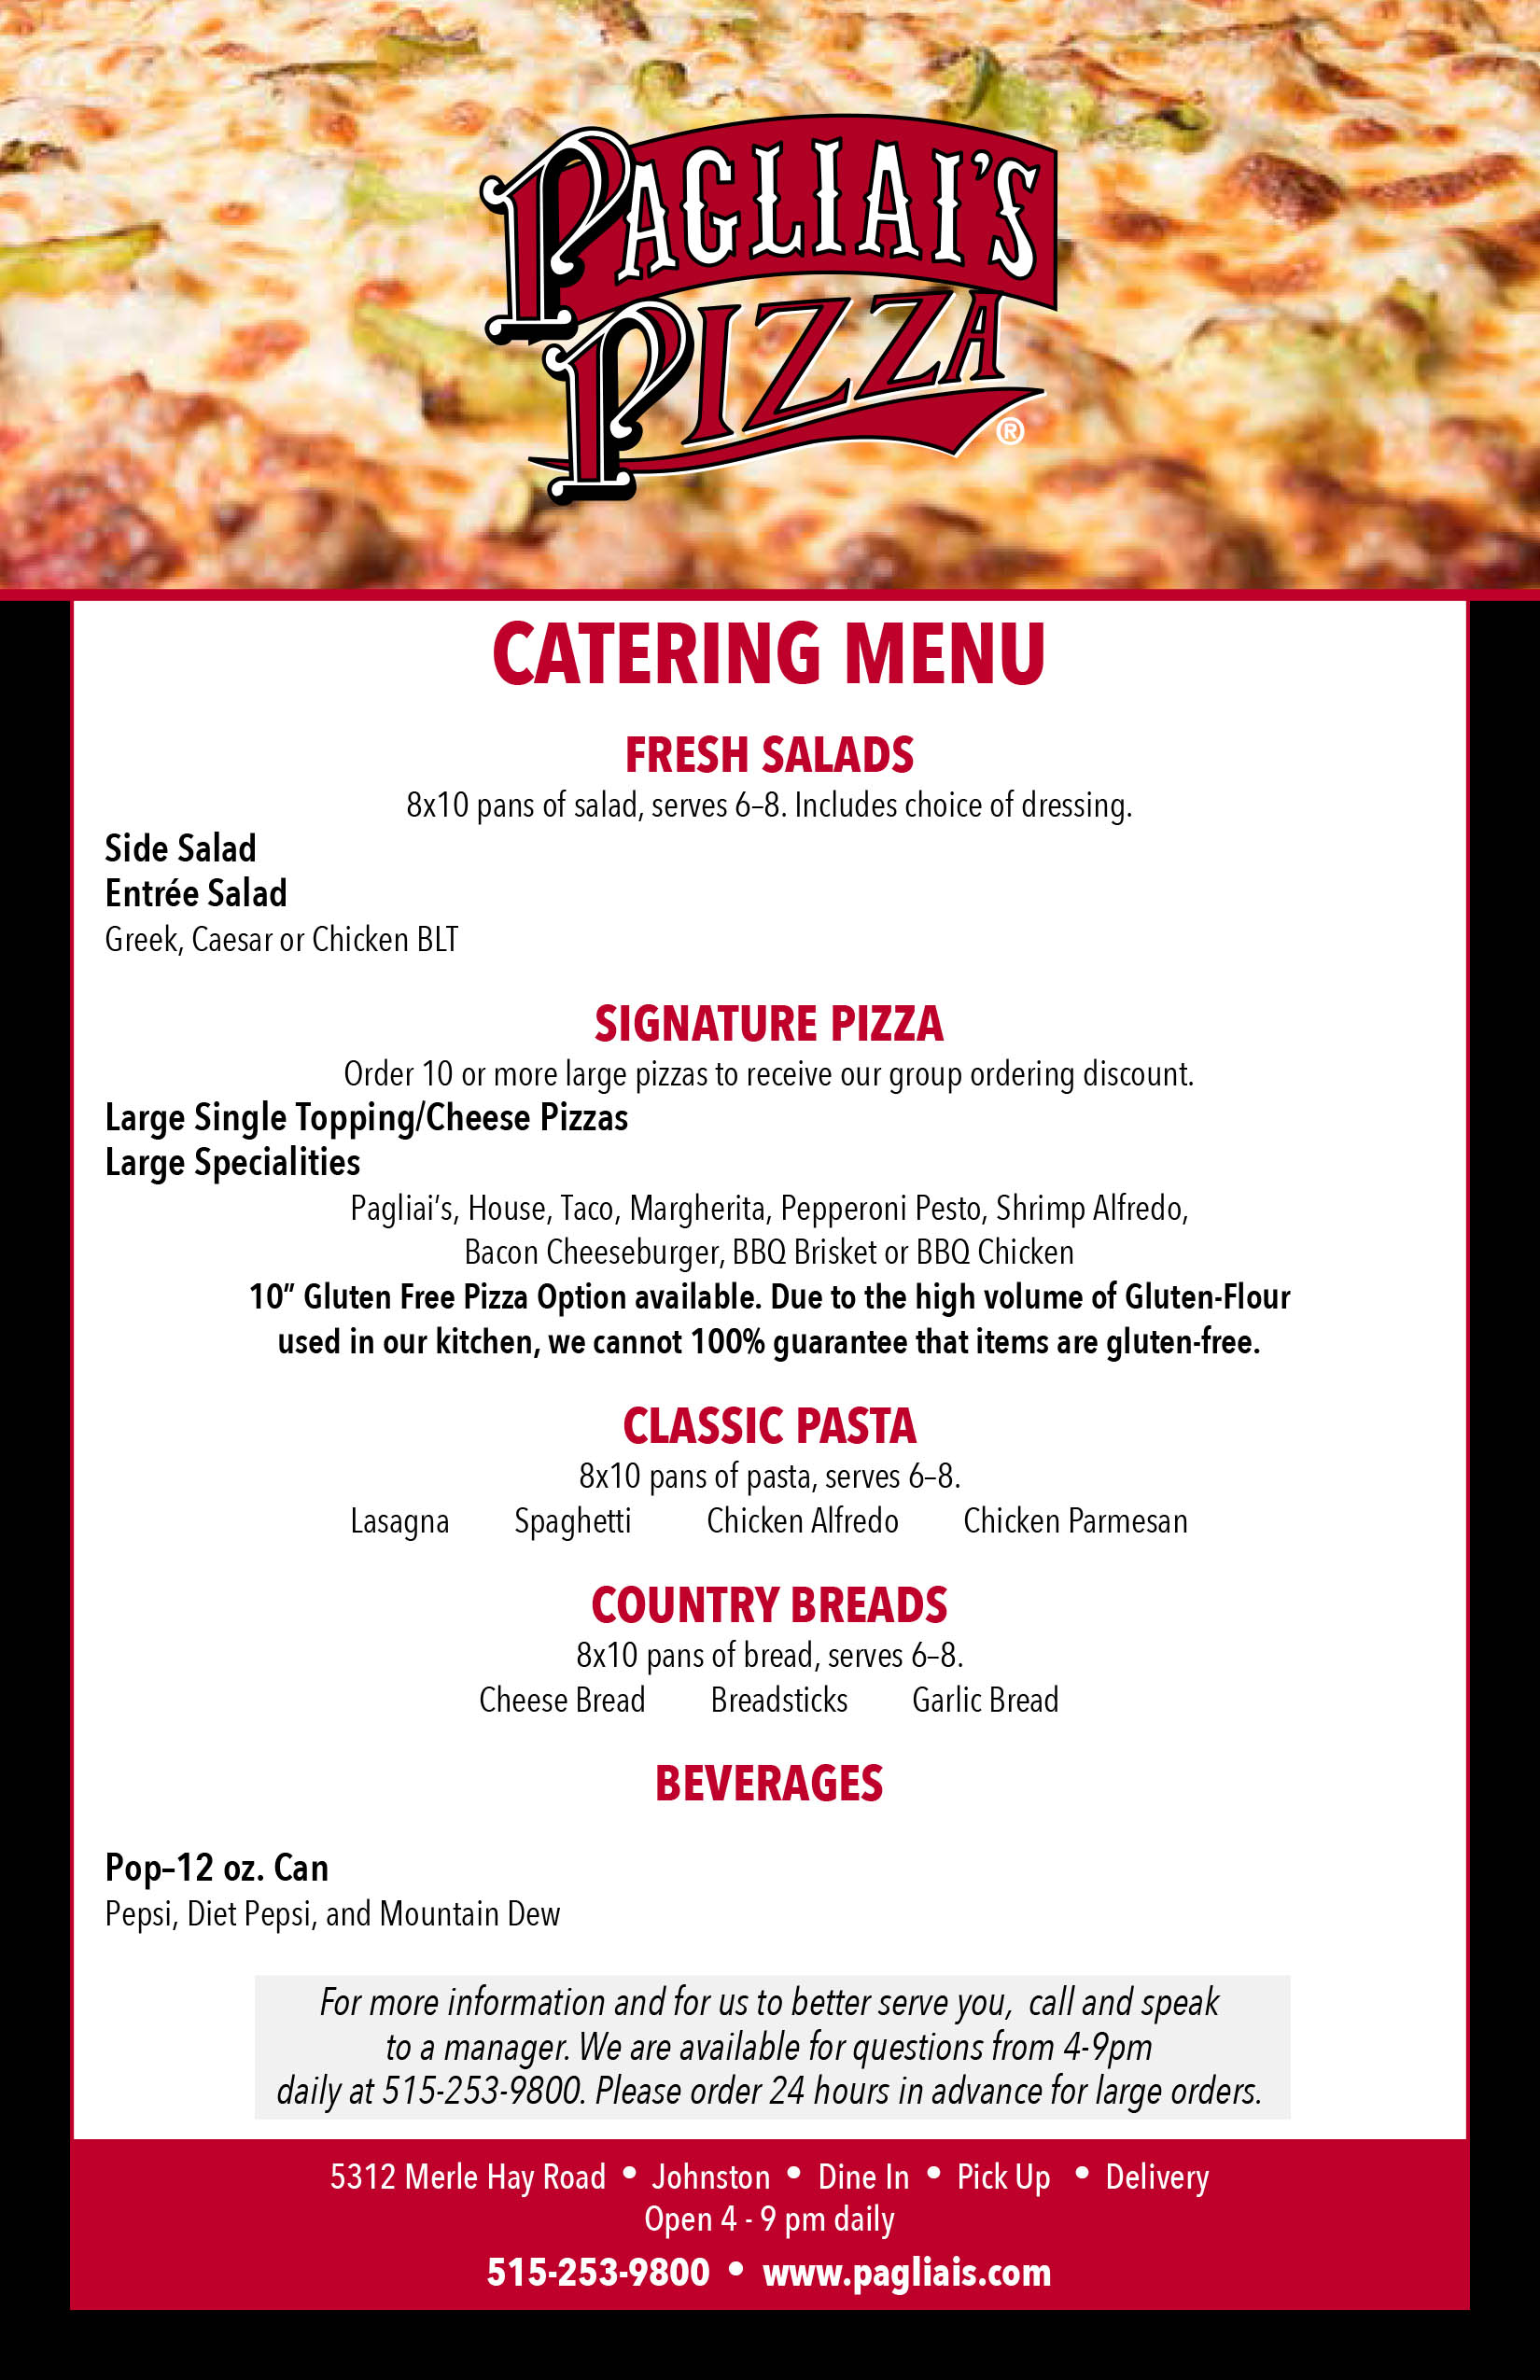 Pagliai's catering menu